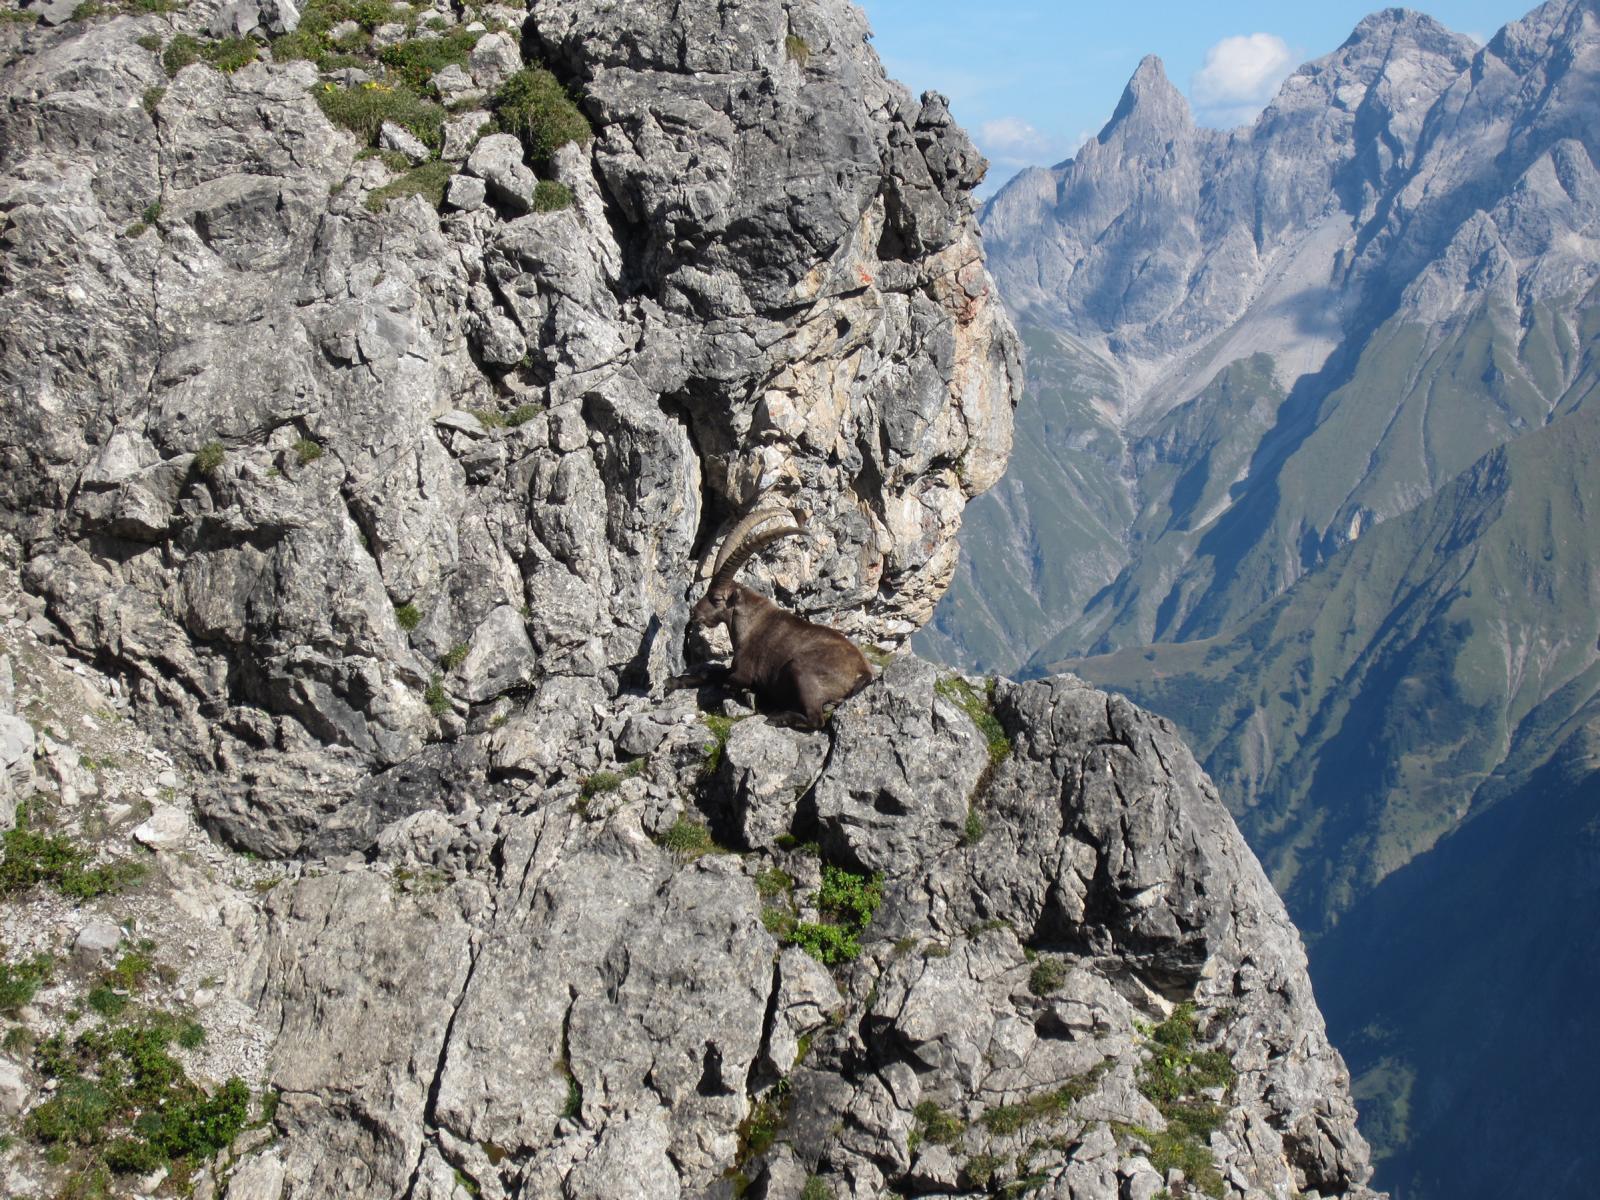 Wir sind nicht allein unterwegs....ein Prachtkerl schaut uns aus sicherer Entfernung beim Klettern zu